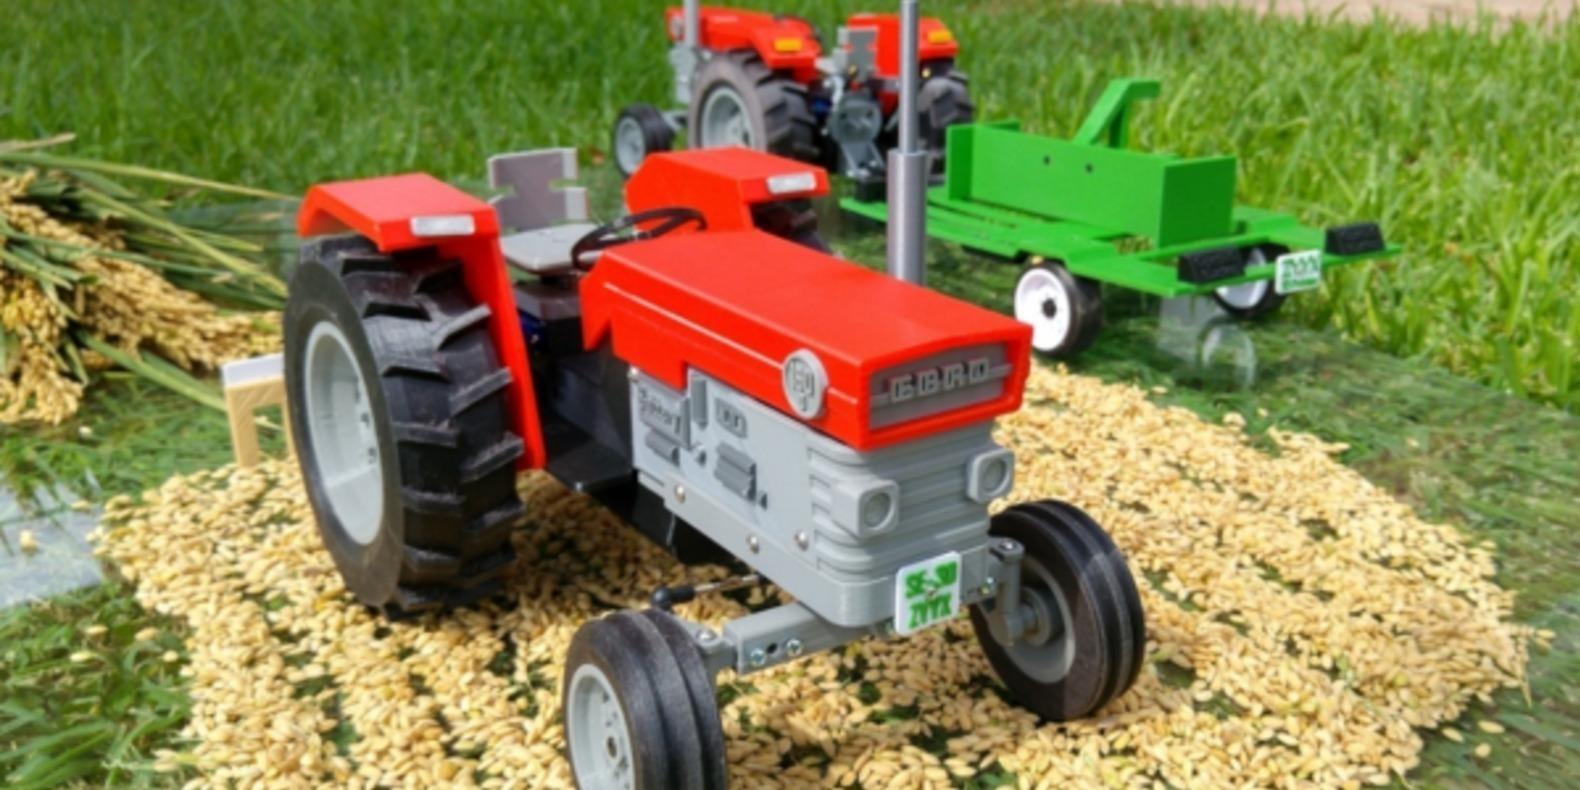 Tracteur-imprimé-en-3D-fichier-3D-cults-openRC-tractor-1.png